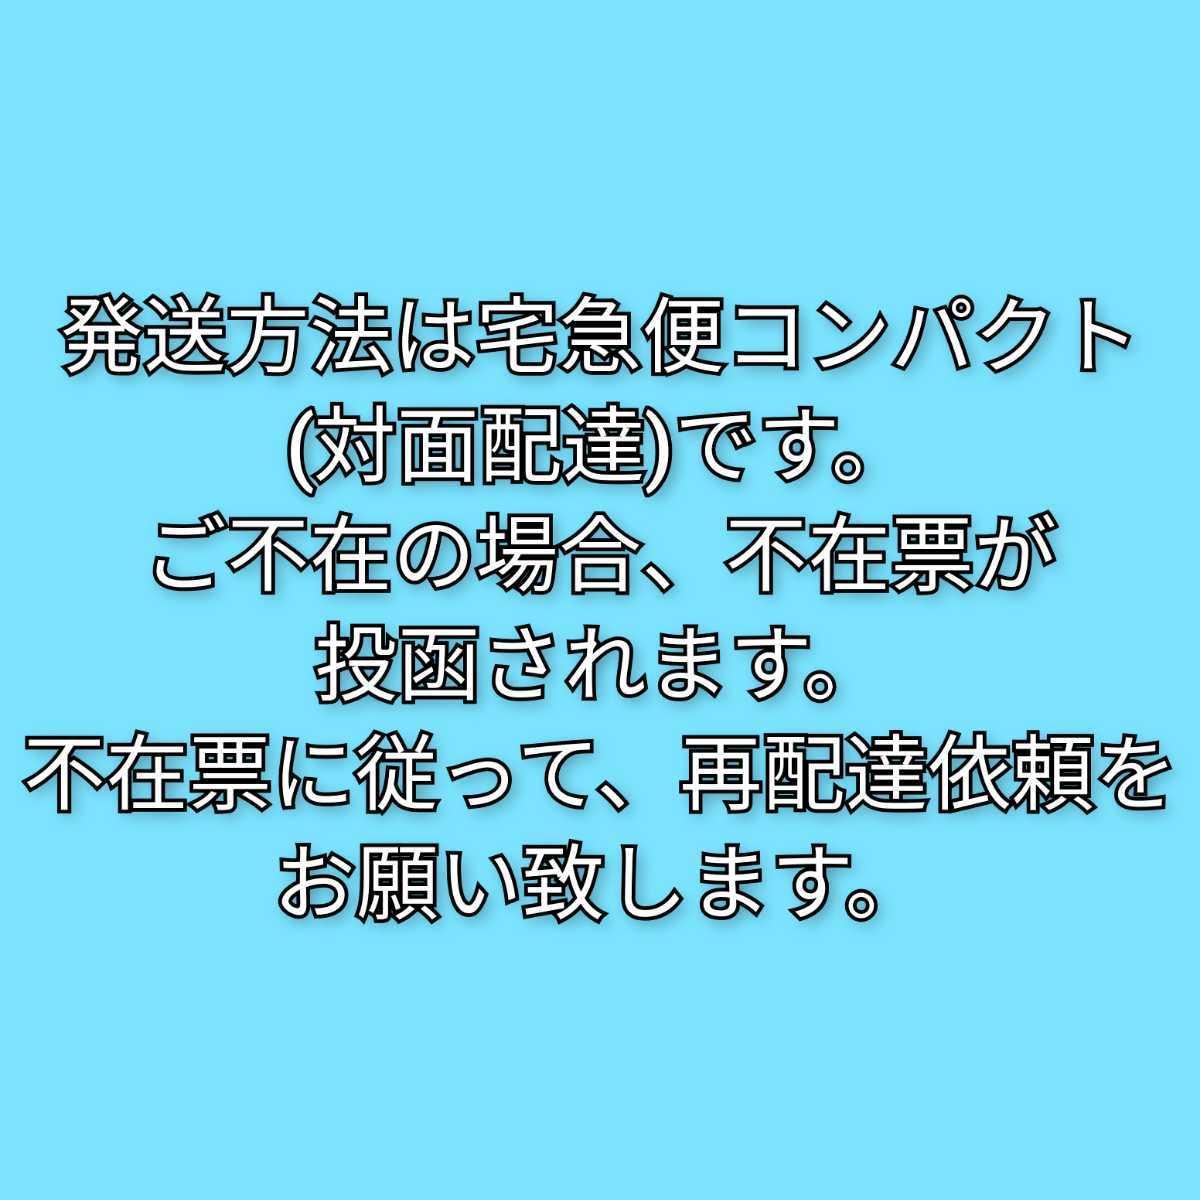 叶匠壽庵 あも 1棹 和菓子 _画像3